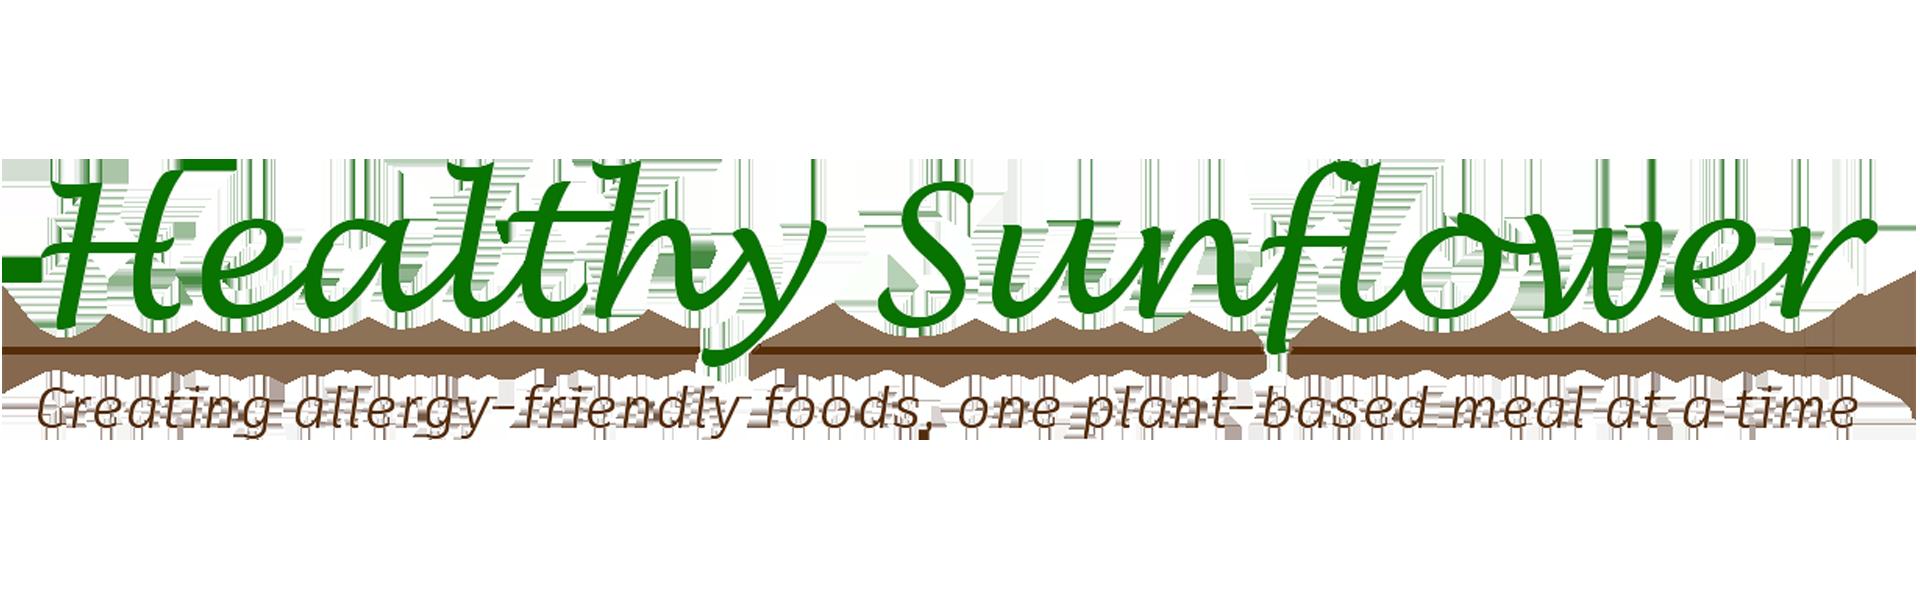 Healthy Sunflower